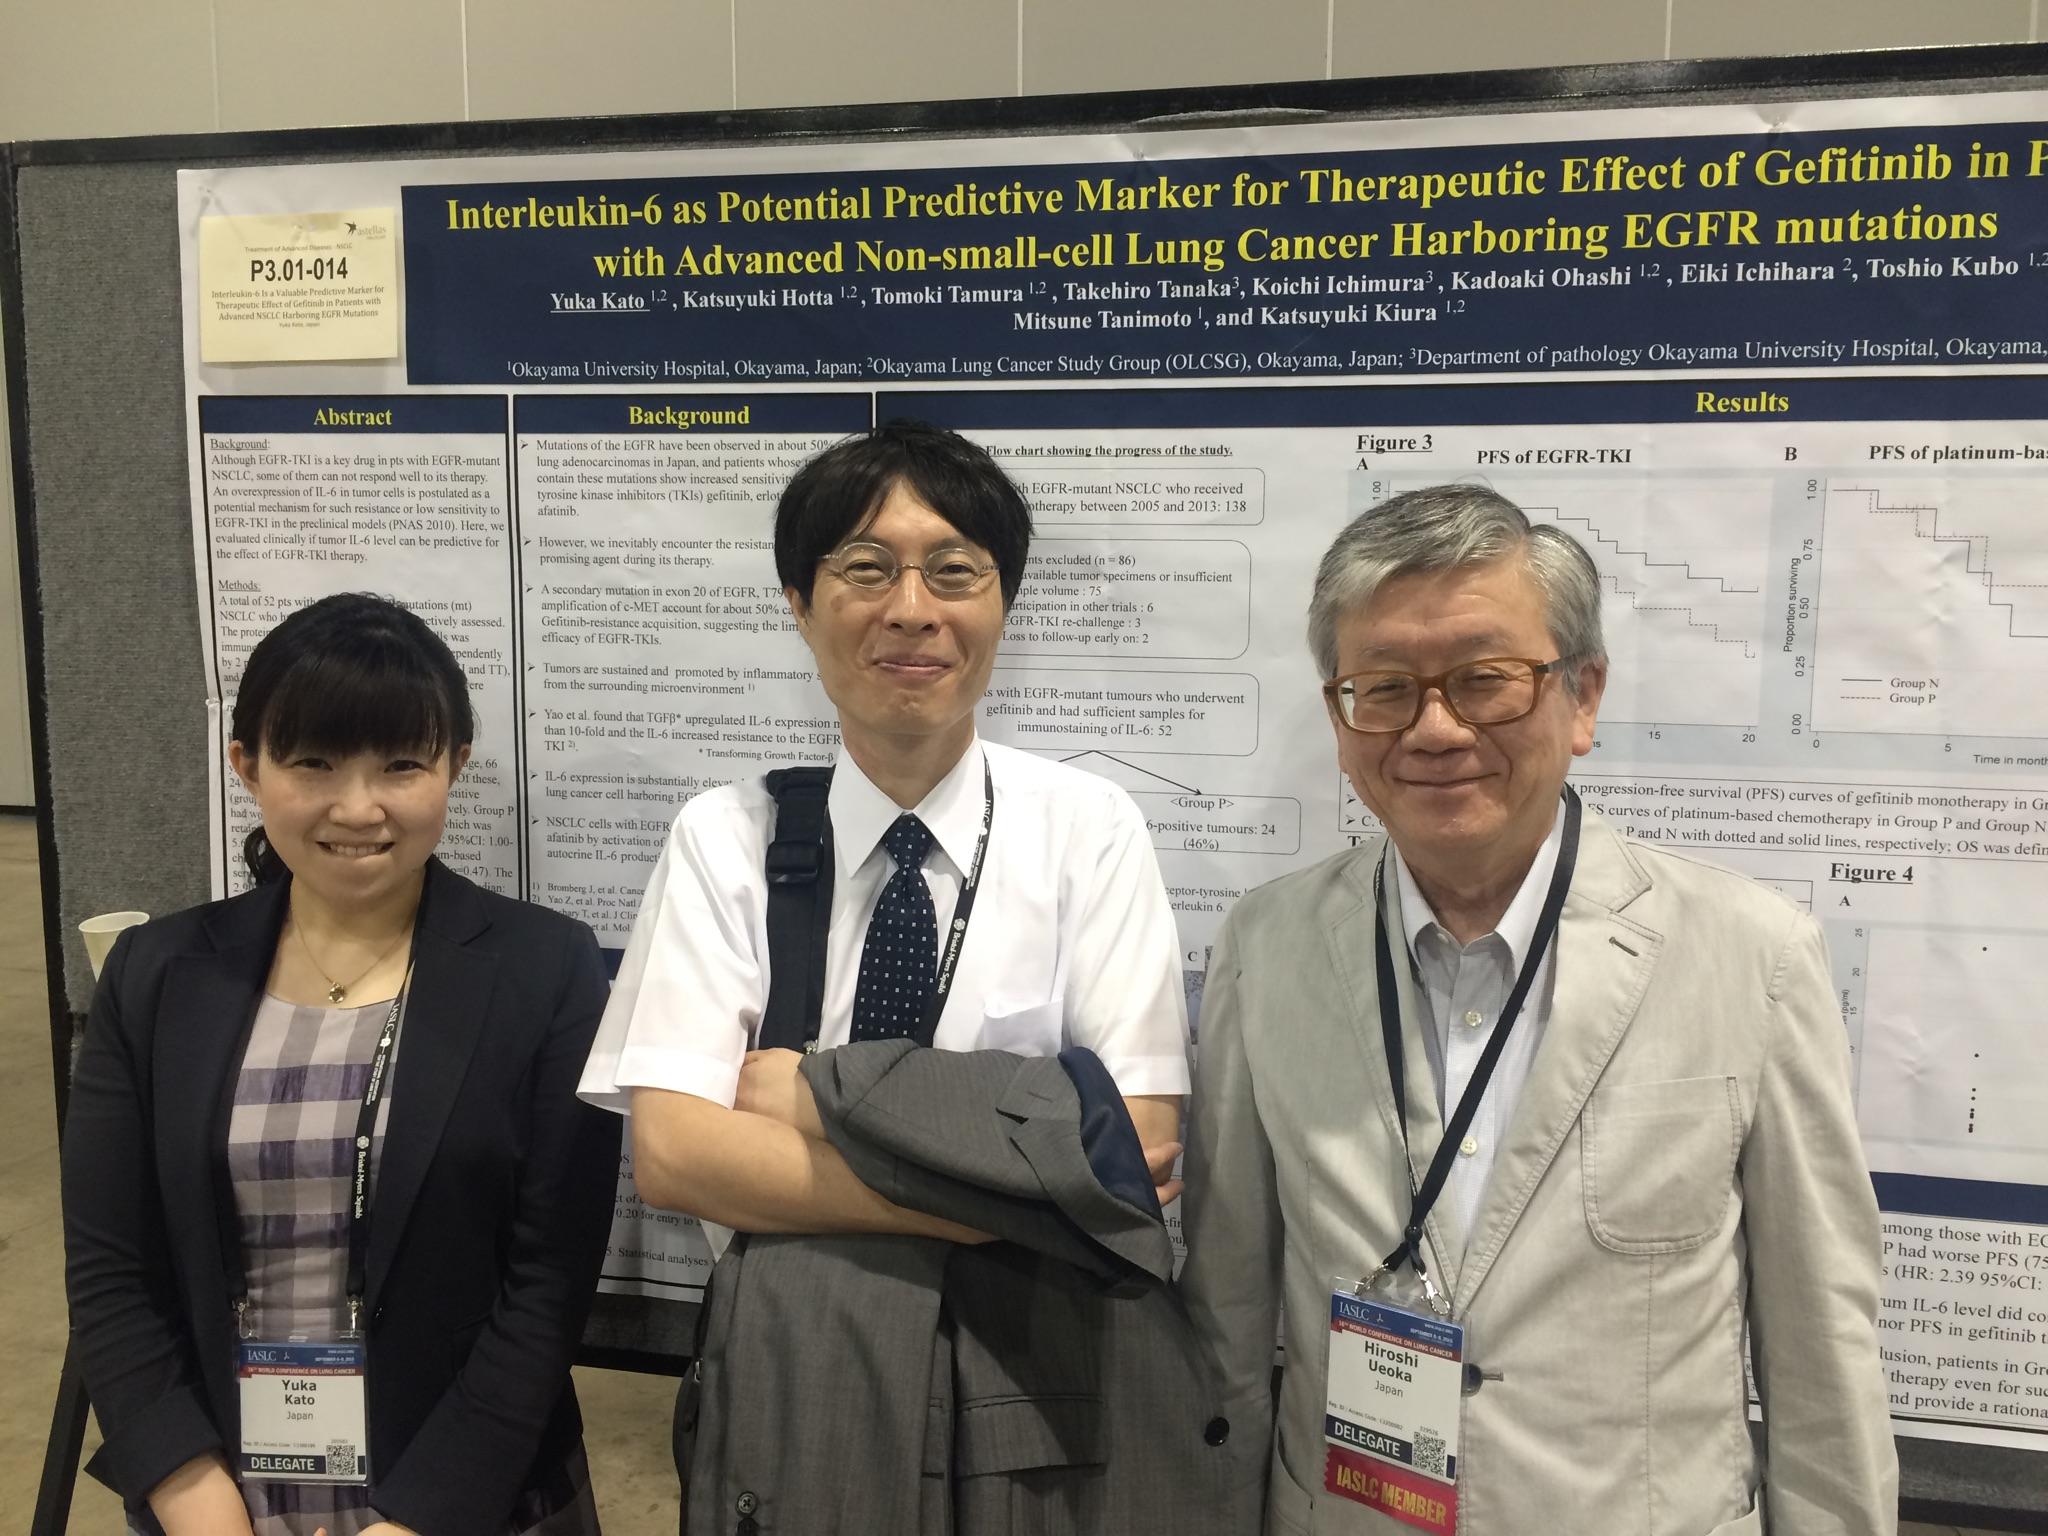 第16回世界肺癌学会(左から加藤有加先生,堀田勝幸先生,上岡博先生)